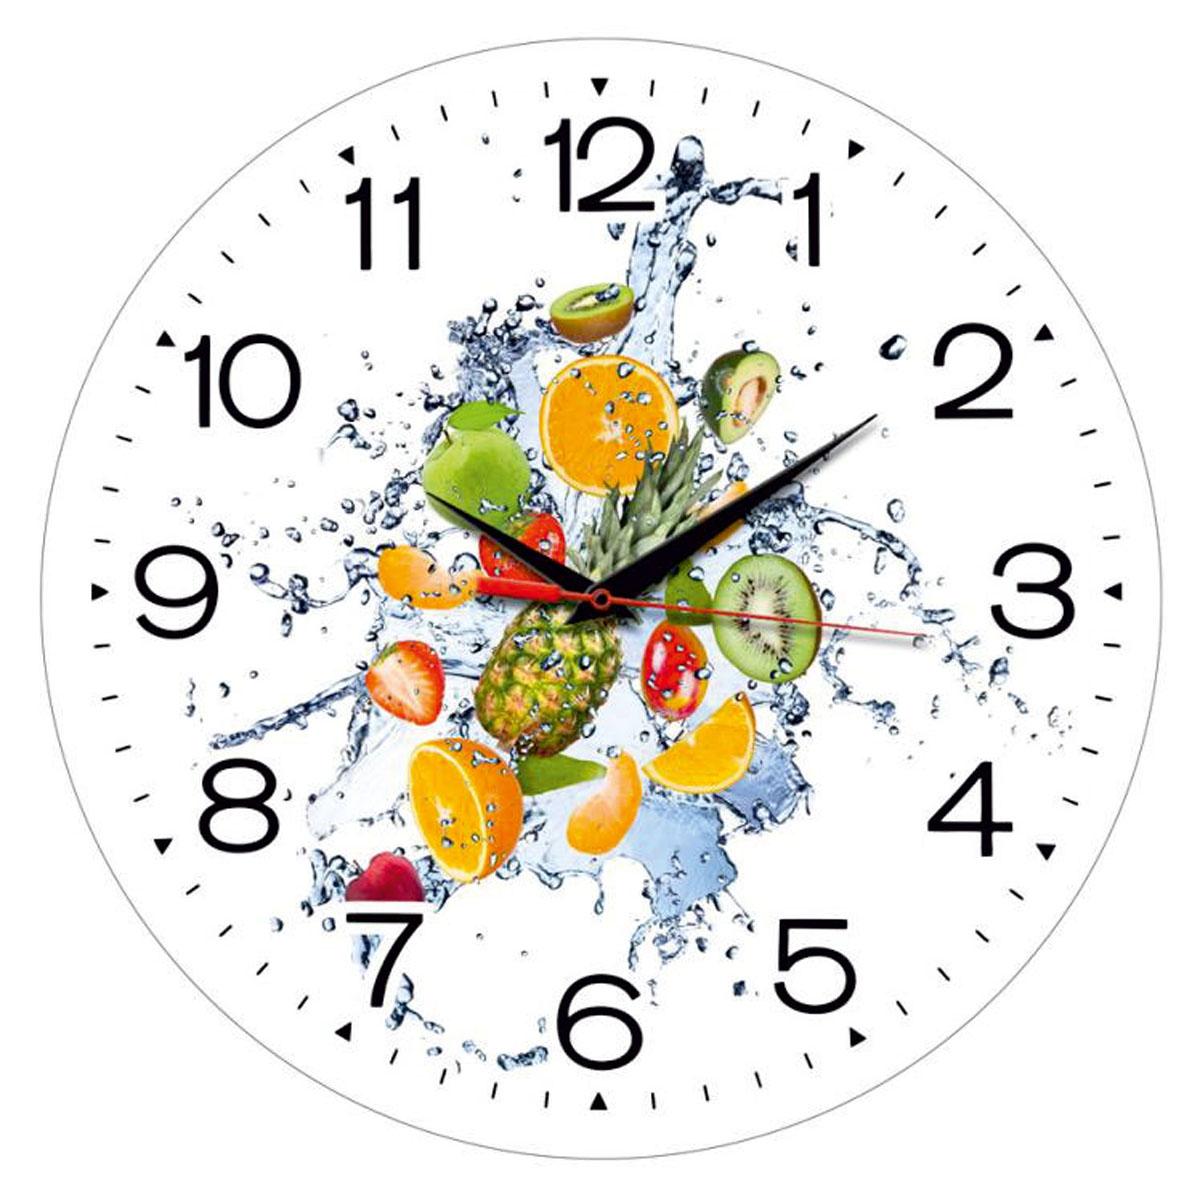 Часы настенные Miolla ФруктыСК011 2433Оригинальные настенные часы круглой формы выполнены из закаленного стекла. Часы имеют три стрелки - часовую, минутную и секундную и циферблат с цифрами. Необычное дизайнерское решение и качество исполнения придутся по вкусу каждому. Диаметр часов: 28 см. Часы работают от 1 батарейки типа АА напряжением 1,5 В.